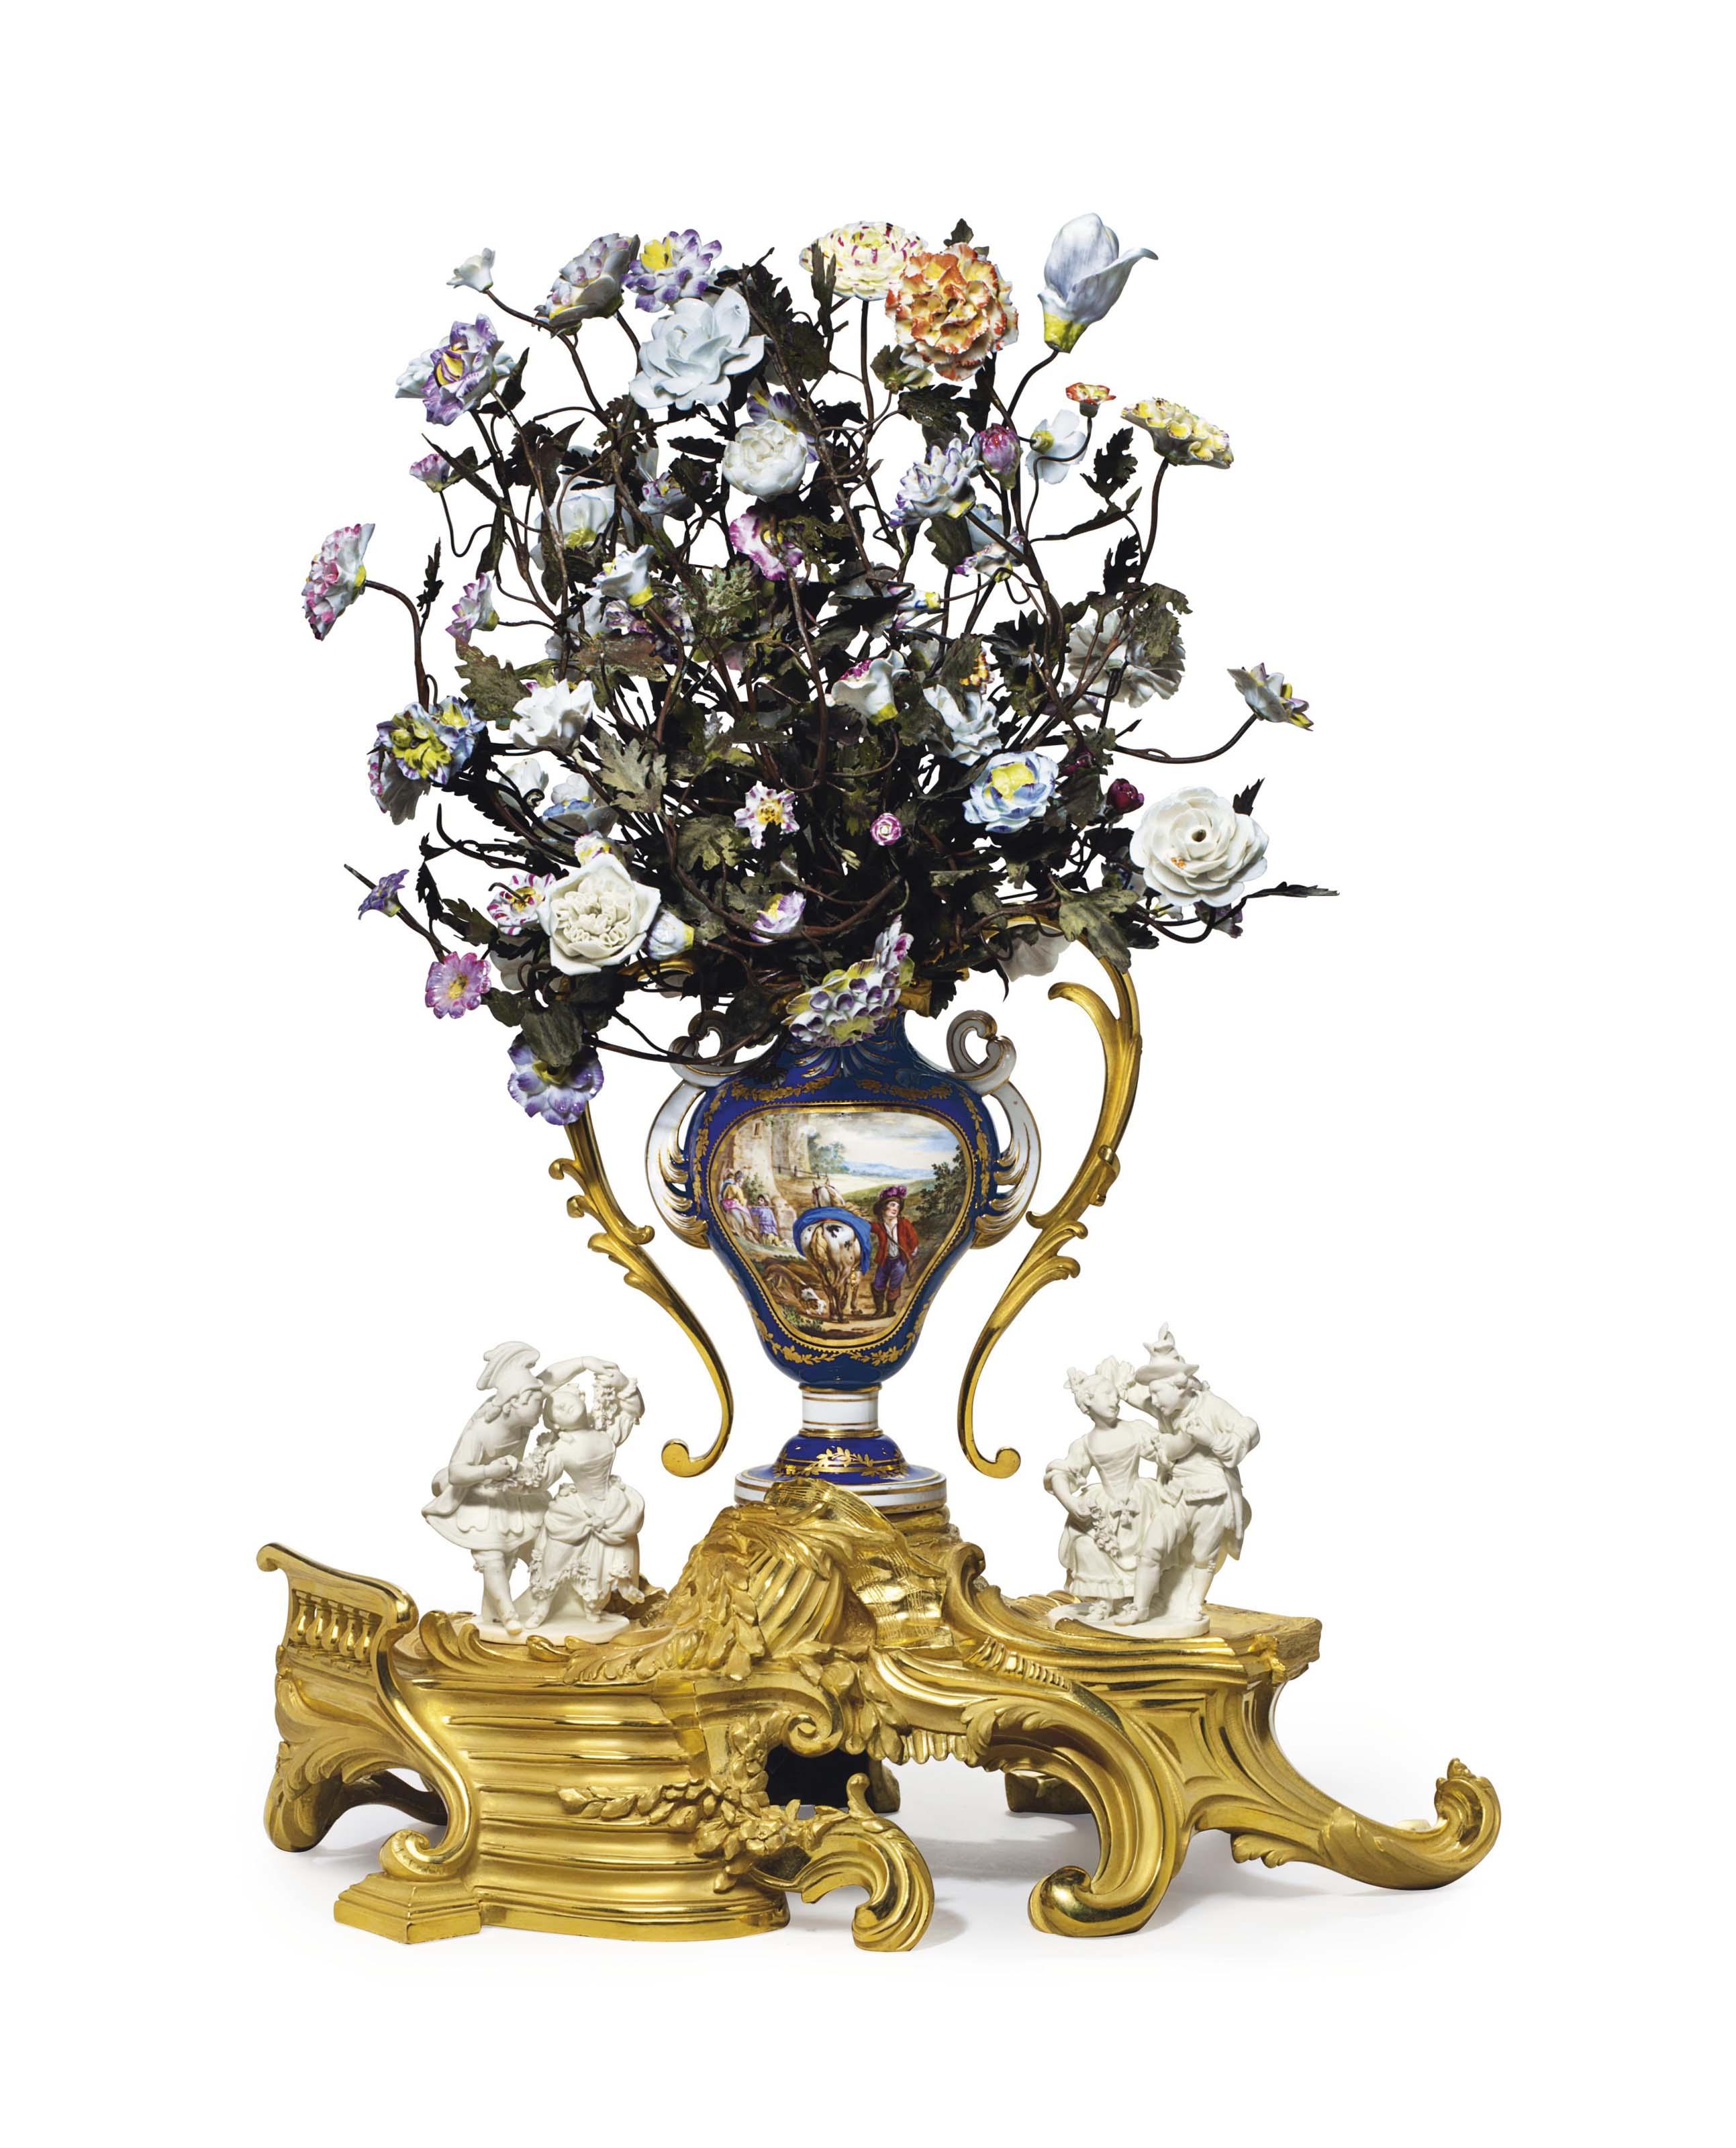 AN ASSEMBLED ORMOLU-MOUNTED SEVRES BLEU NOUVEAU AND BISCUIT PORCELAIN CENTERPIECE (LE BOUQUET DE LA DAUPHINE)